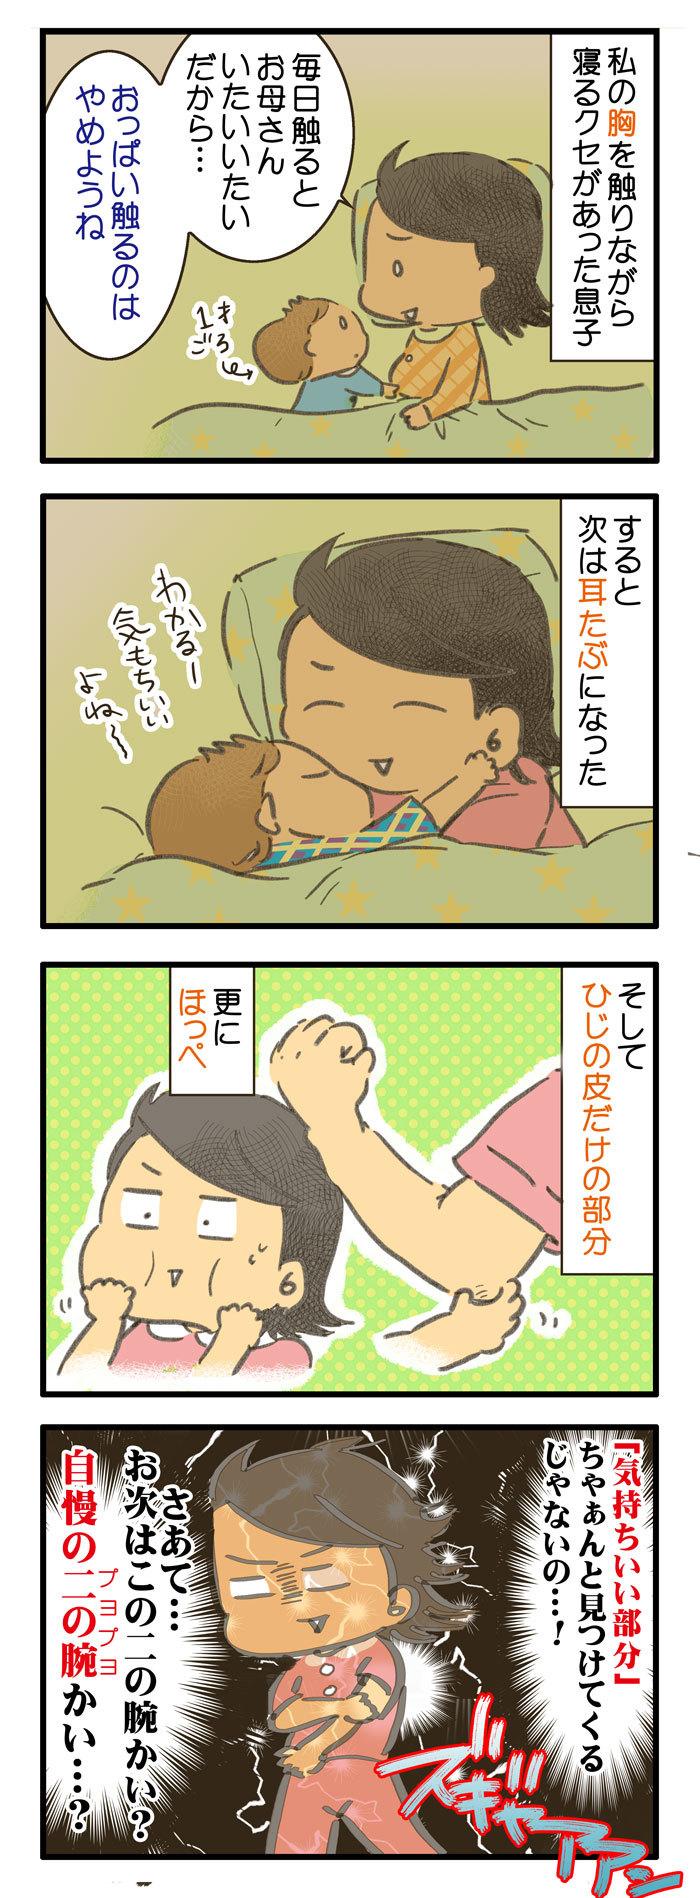 寝る前にママの体に触れたい息子。おっぱい→耳たぶ→これってまさか…!?の画像1